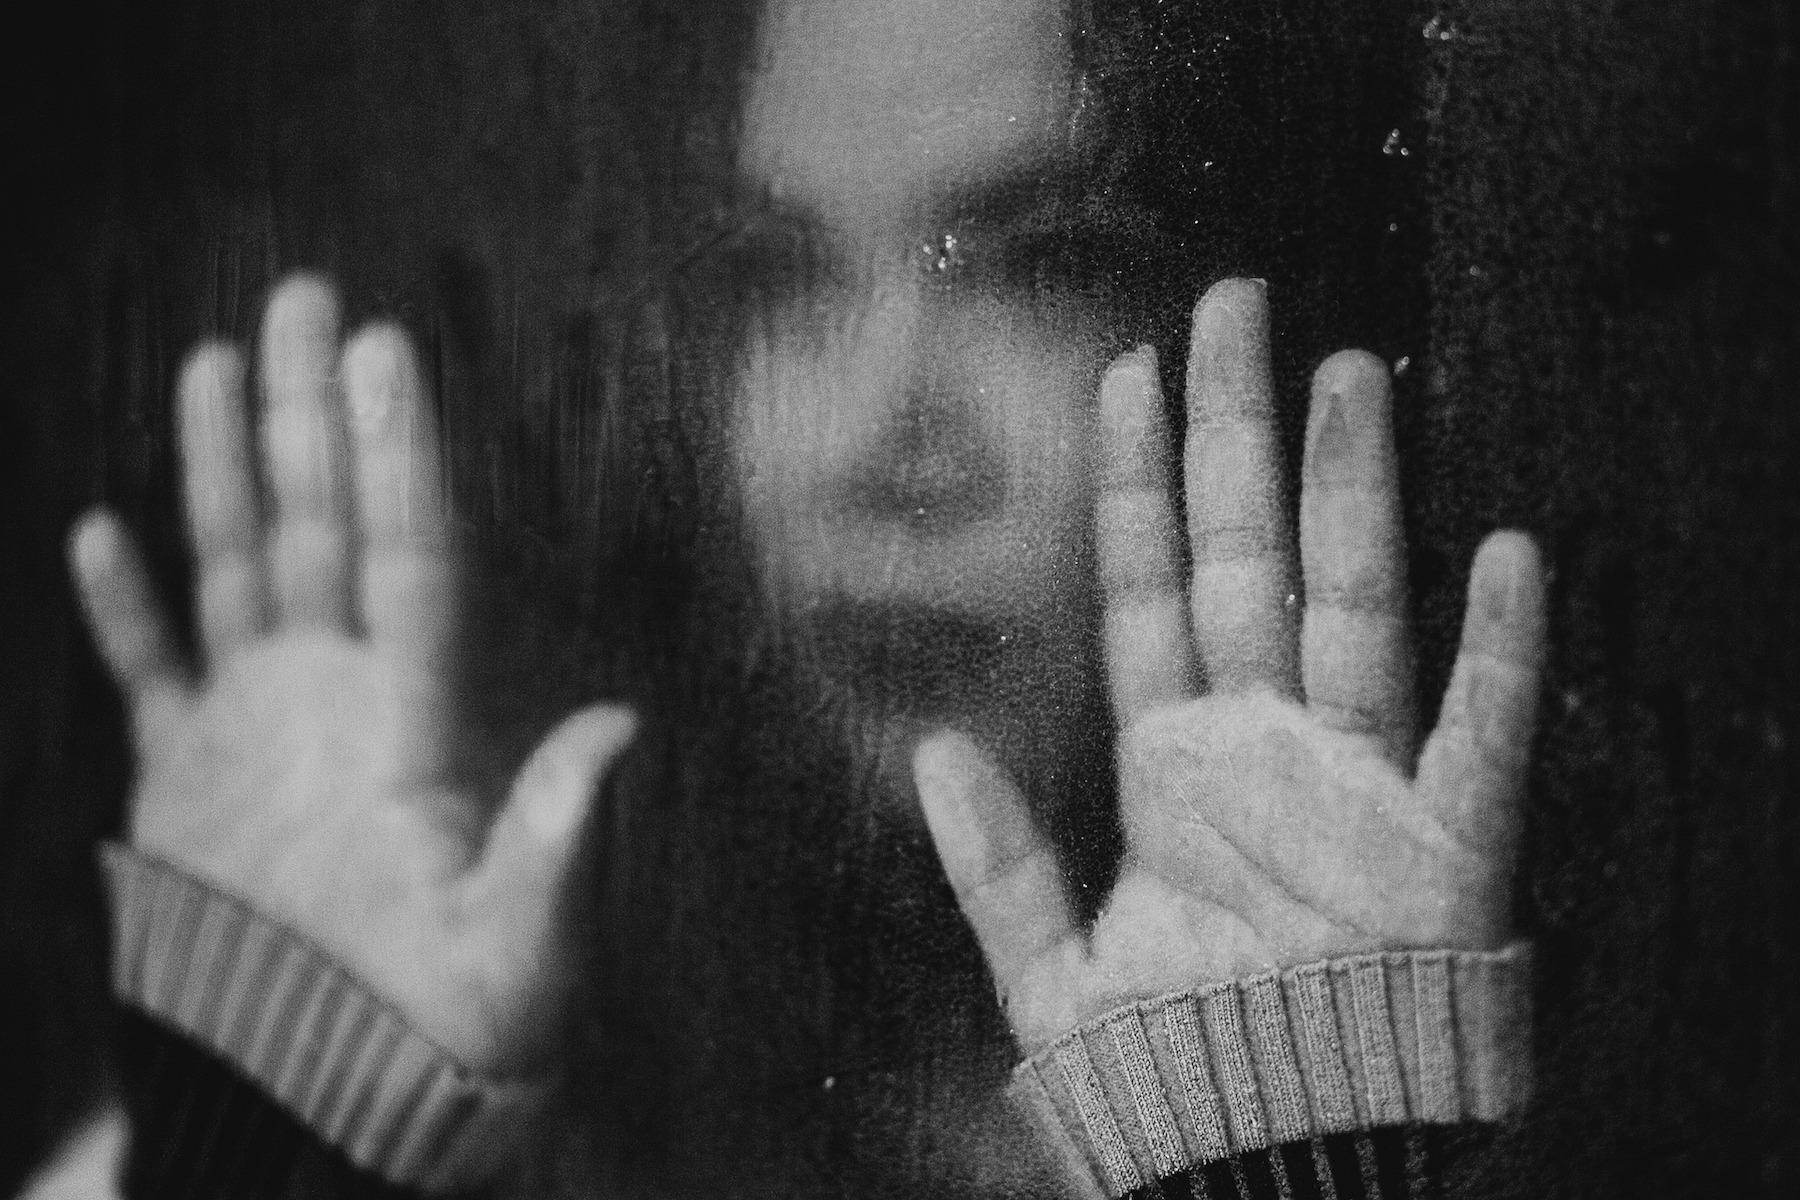 suicide-5127103 1920